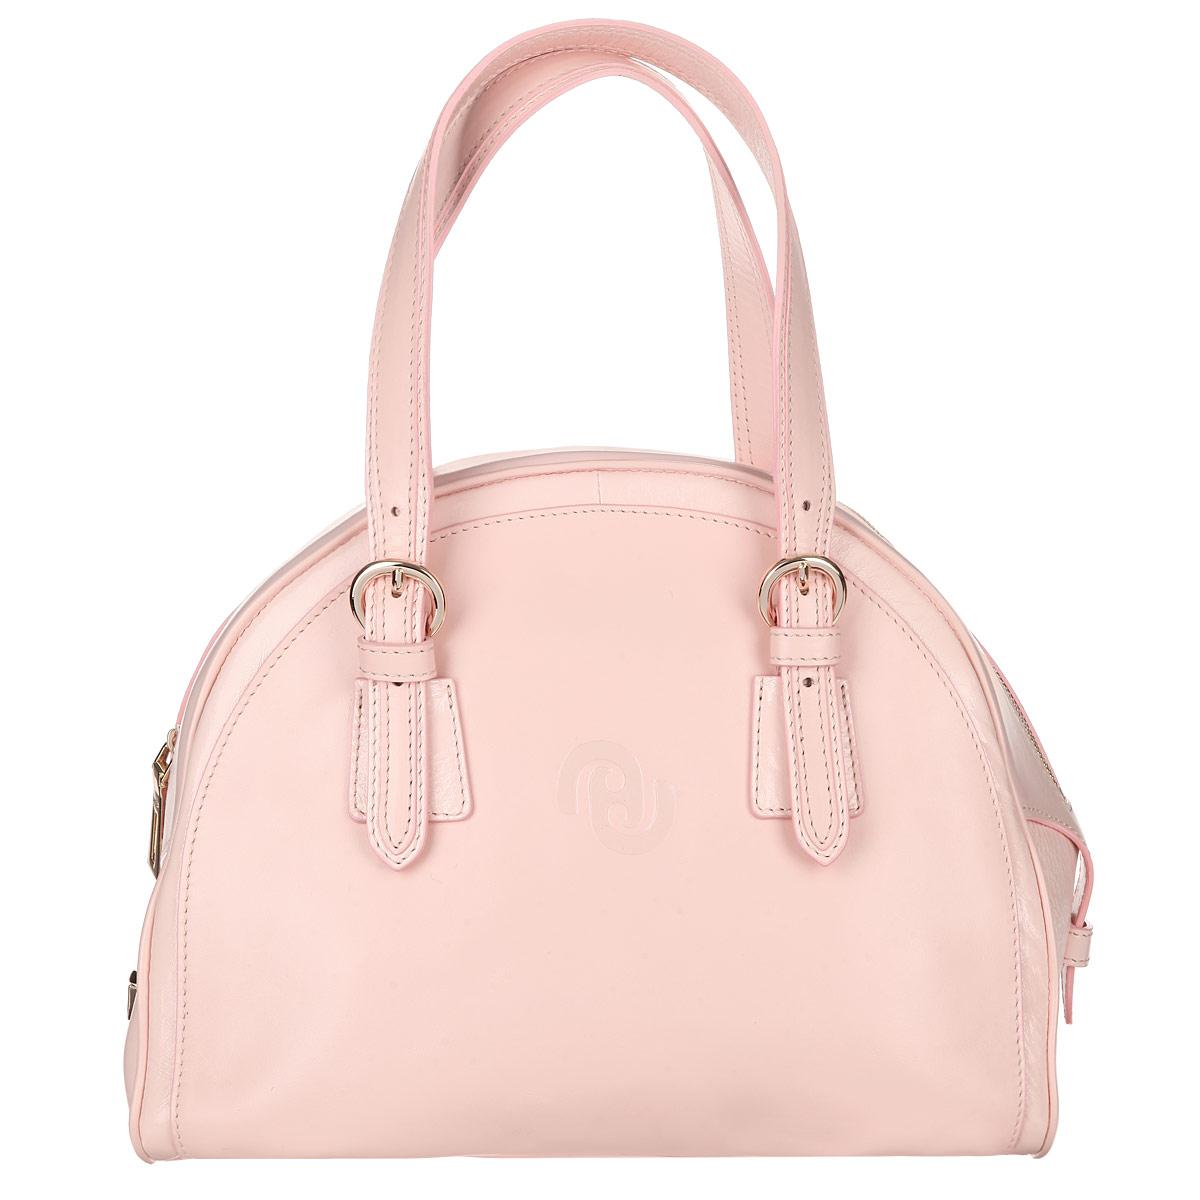 Сумка женская Frija, цвет: светло-розовый. 21-0268-14S76245Трендовая женская сумка Frija выполнена из мягкой натуральной кожи и декорирована вставками из лакированной кожи. Лицевая сторона изделия оформлена тисненым логотипом бренда. Ручки, дополненные металлическими пряжками, регулируются по длине. Сумка имеет одно вместительное отделение, закрывающееся на удобную застежку-молнию. Внутри отделения - два накладных кармашка для мелочей и мобильного телефона и врезной карман на застежке-молнии. Одна из боковых сторон сумки украшена декоративным замком-защелкой, другая сторона - декоративным ремешком, пропущенным через шлевку. Дно защищено от повреждений металлическими ножками.Сумка упакована в фирменный чехол.Сумка Frija - это стильный аксессуар, который подчеркнет вашу изысканность и индивидуальность и сделает ваш образ завершенным.